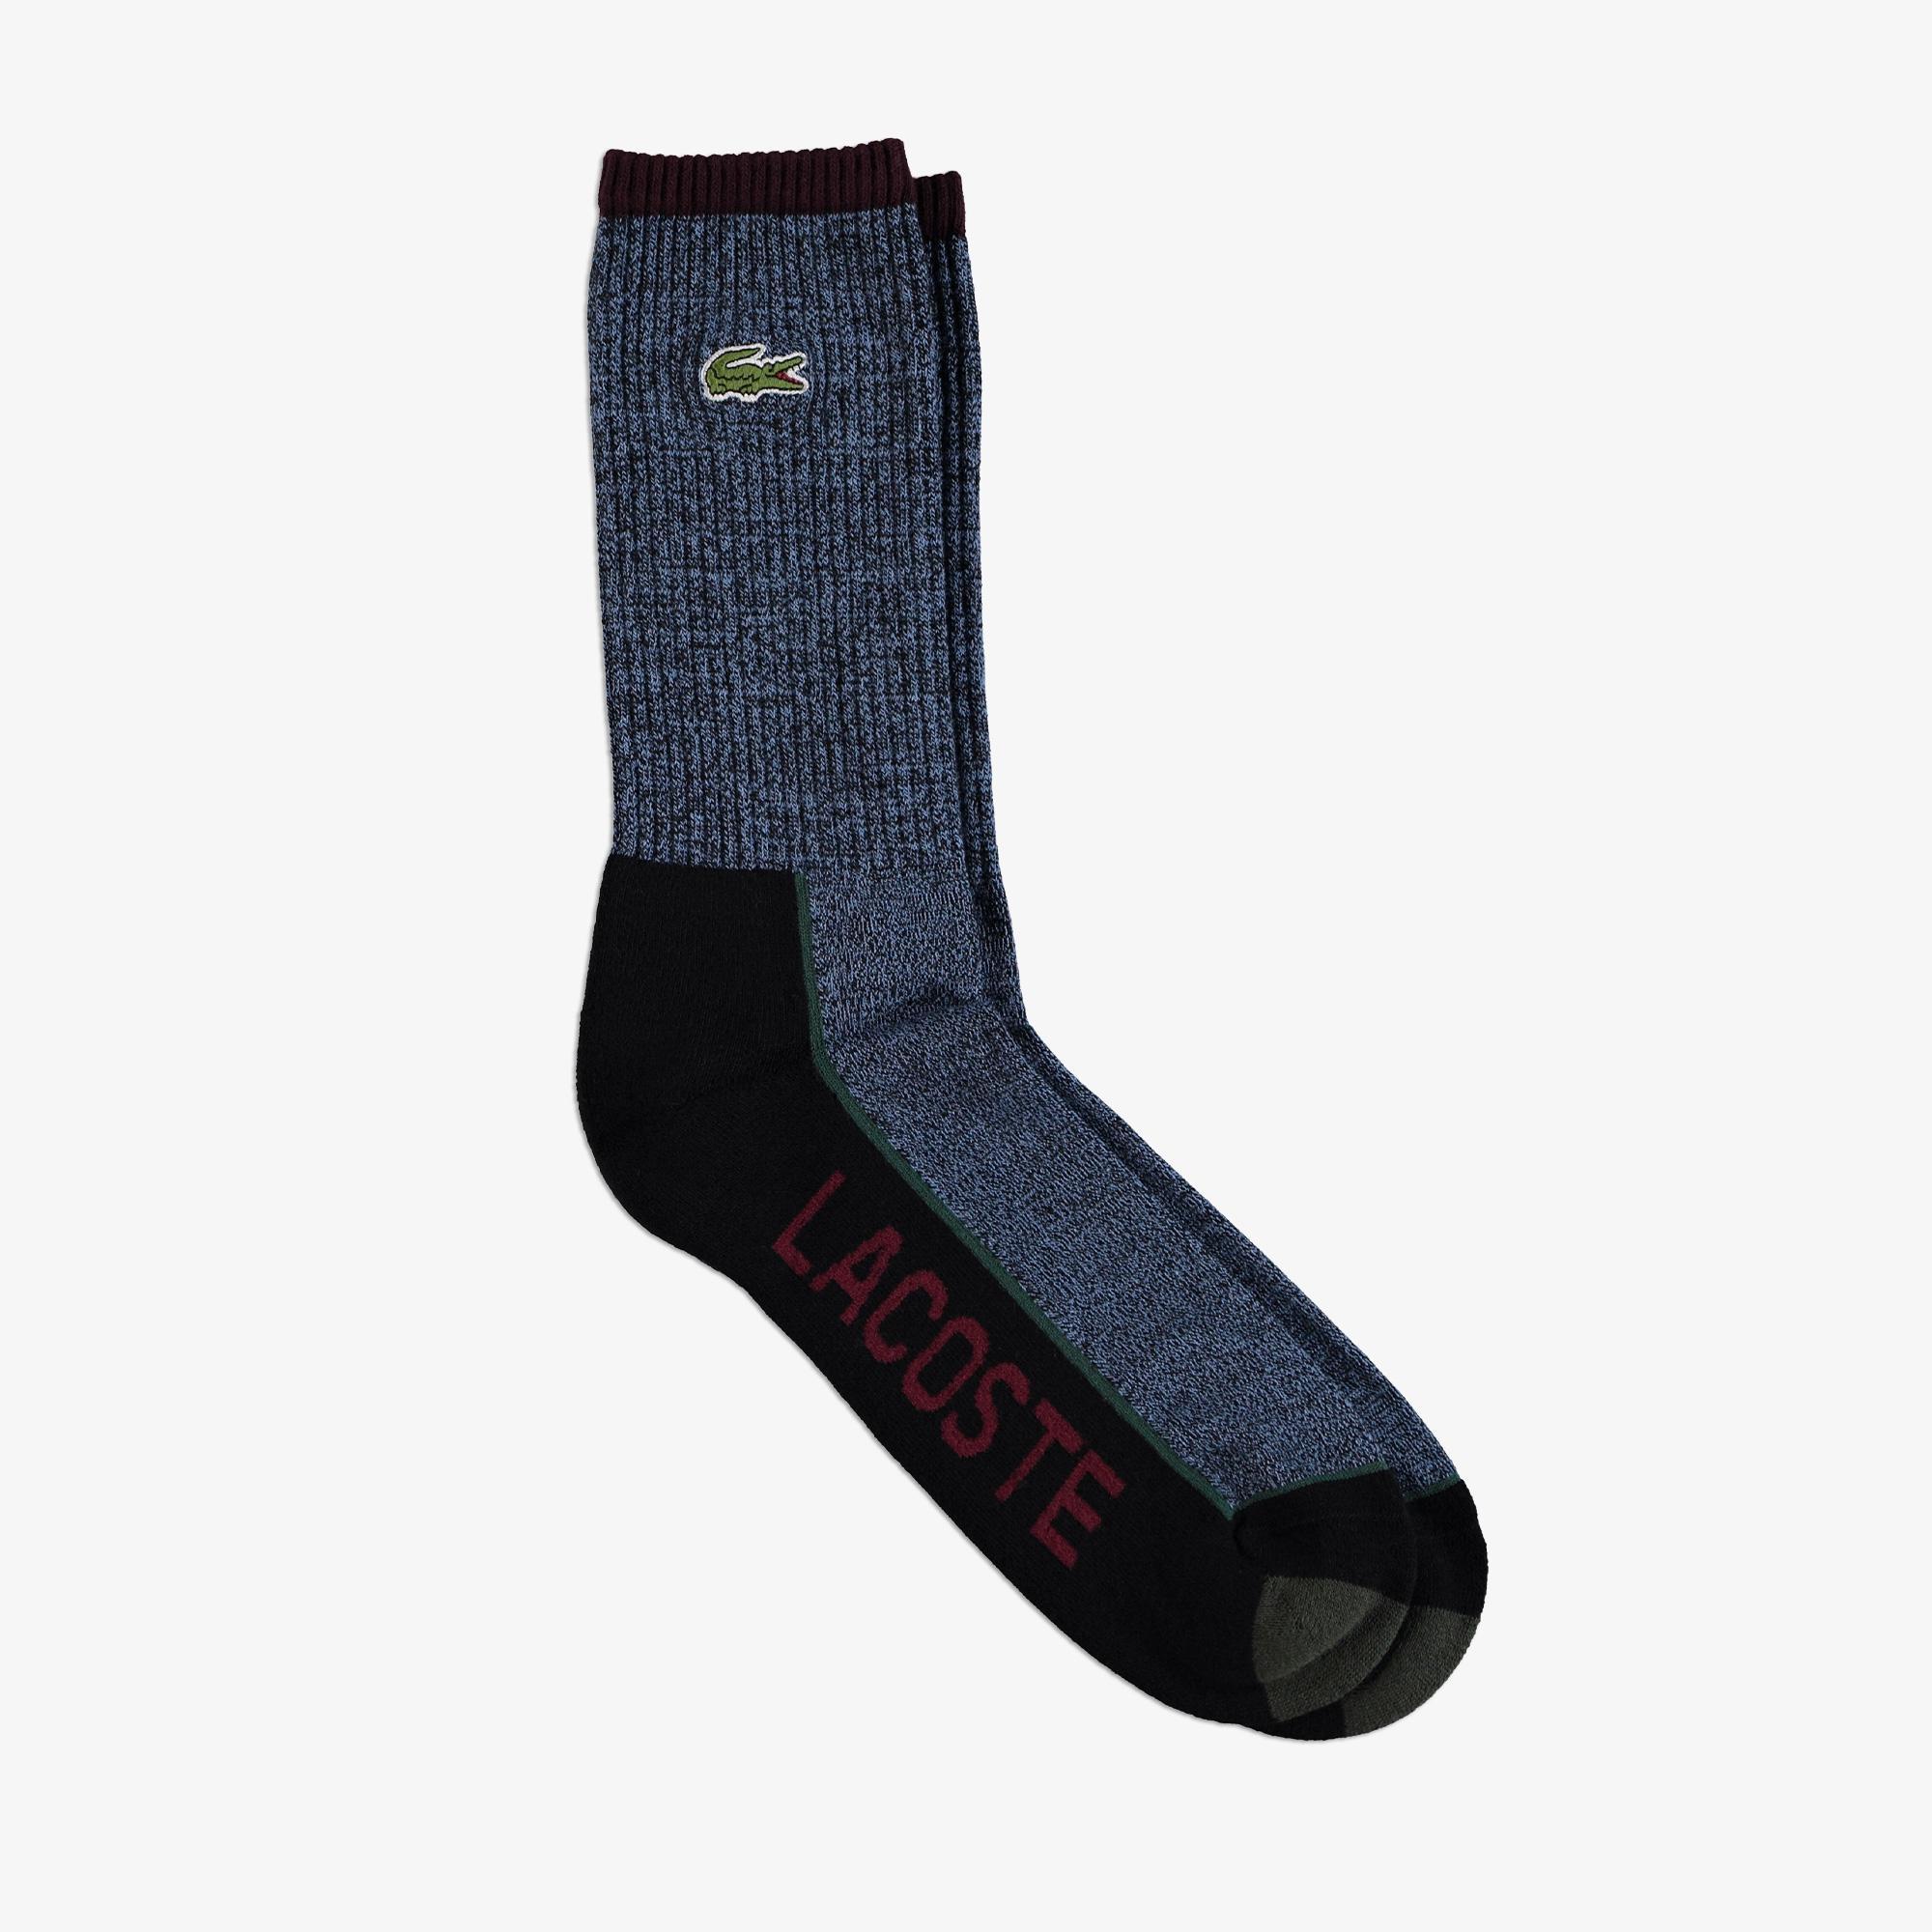 Lacoste Erkek Uzun Baskılı Siyah Çorap